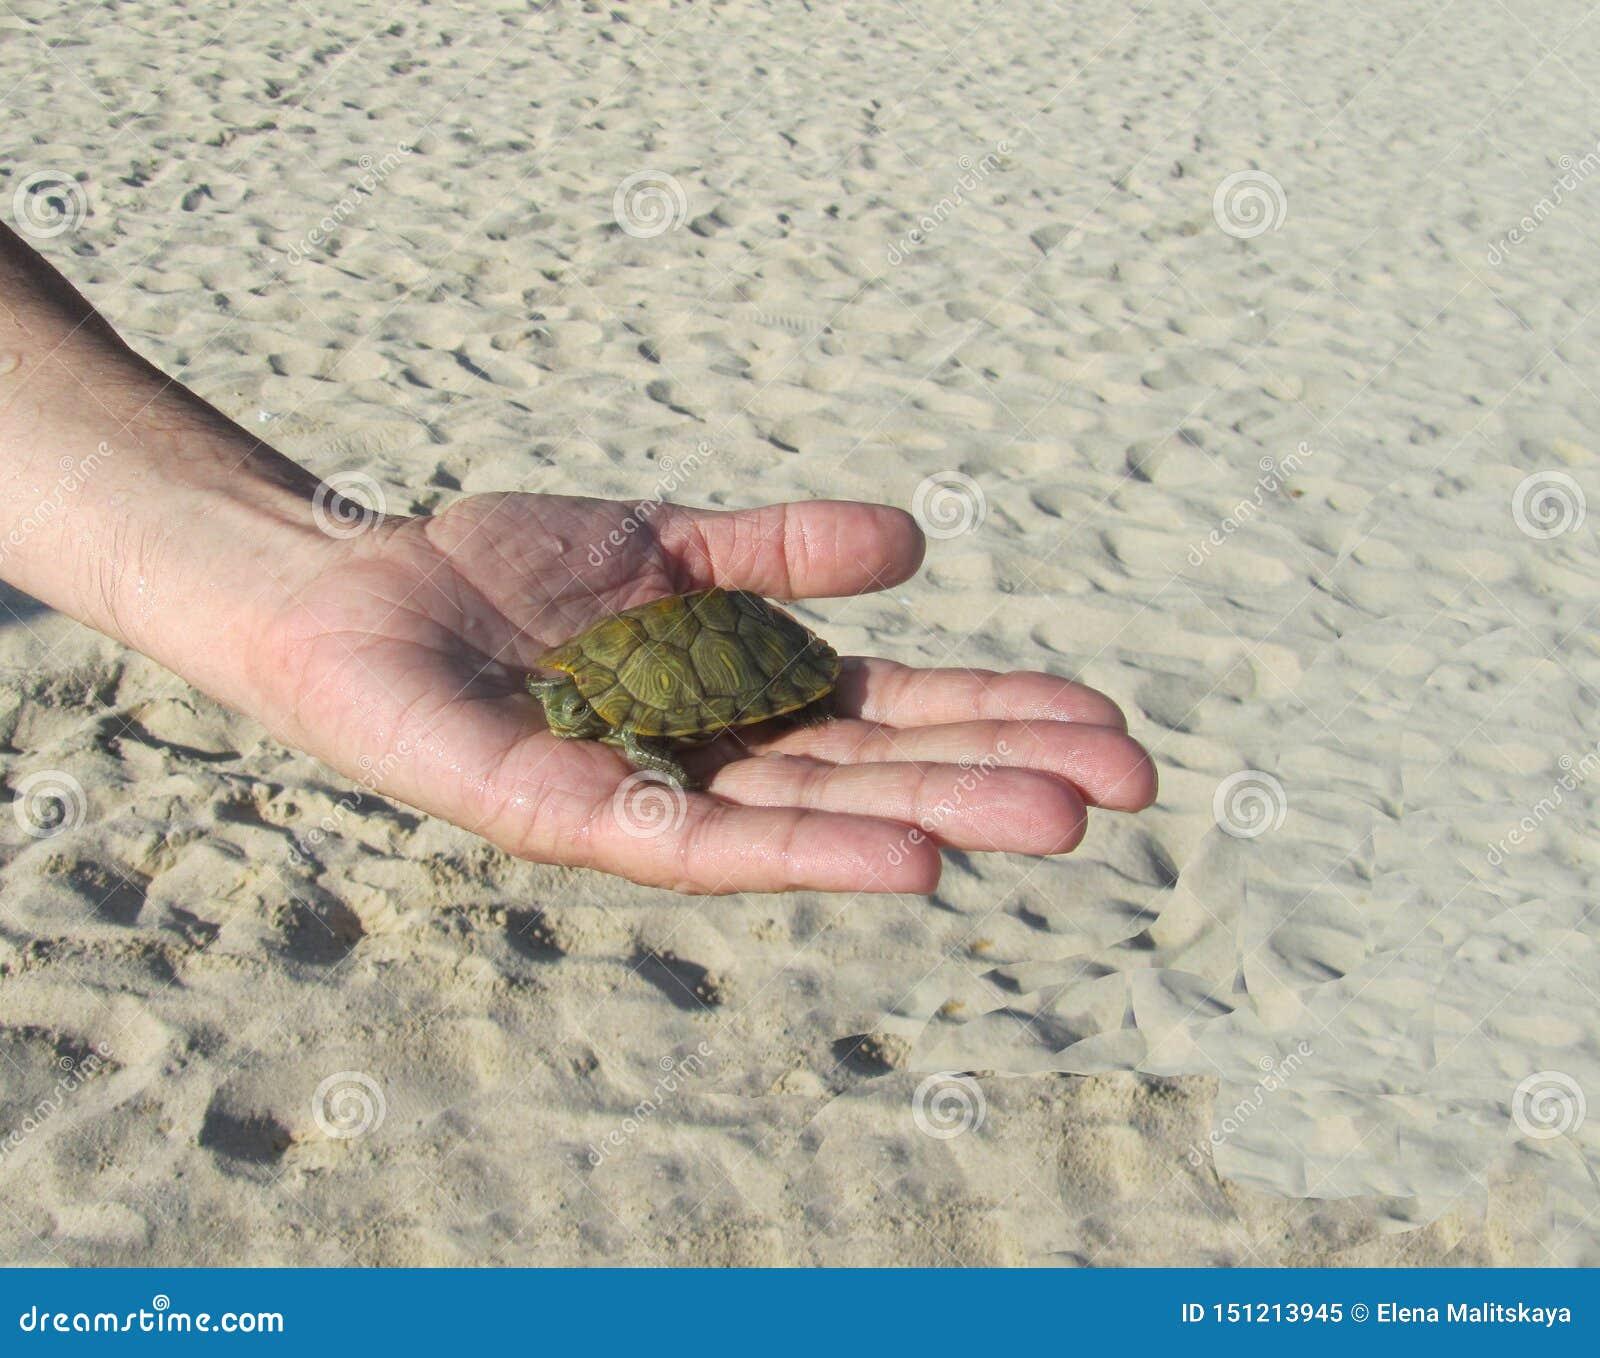 Sulla palma si trova una piccola tartaruga